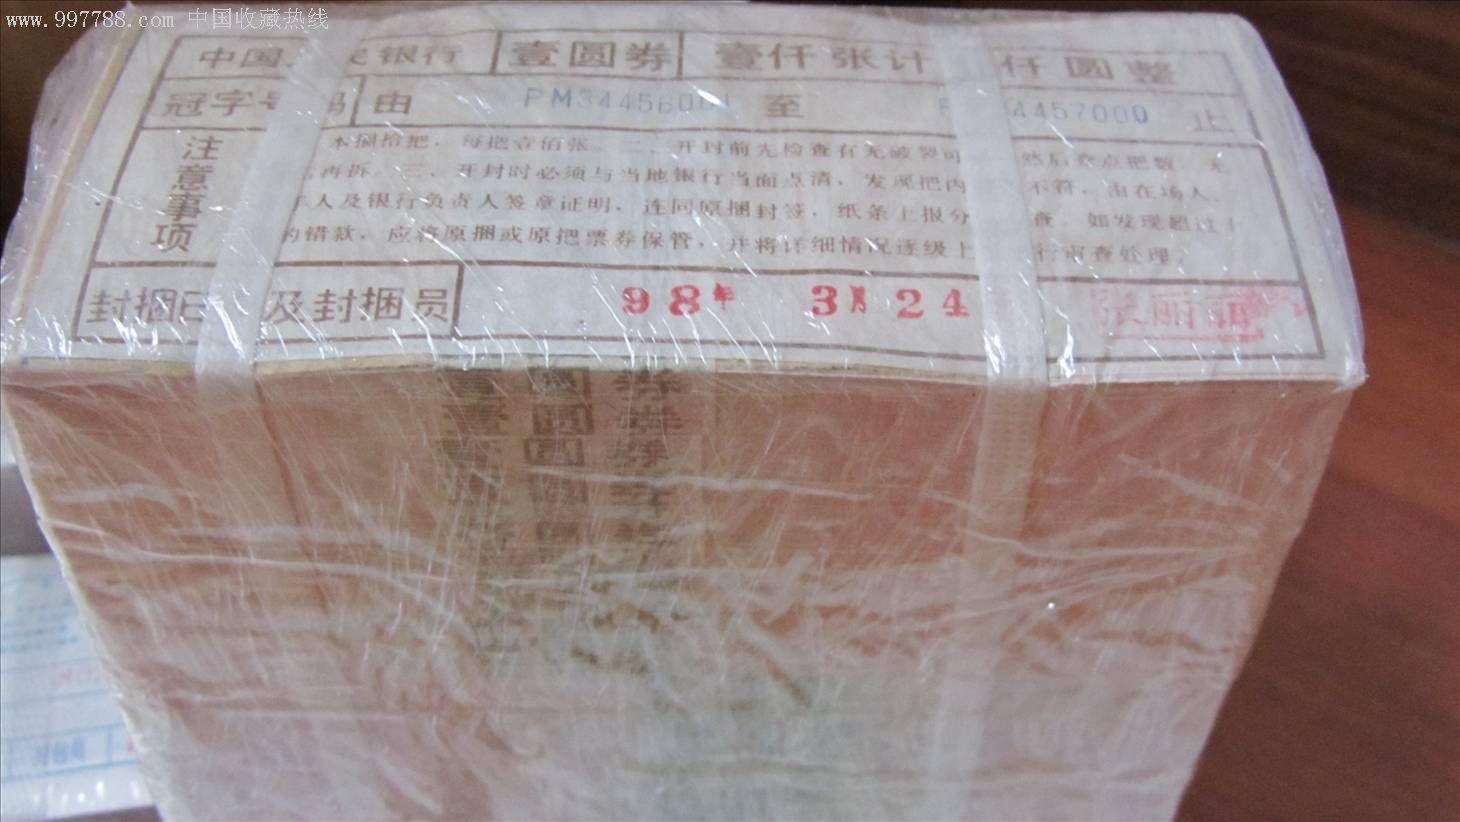 961一捆_人民币_宝芝林【中国收藏热线】